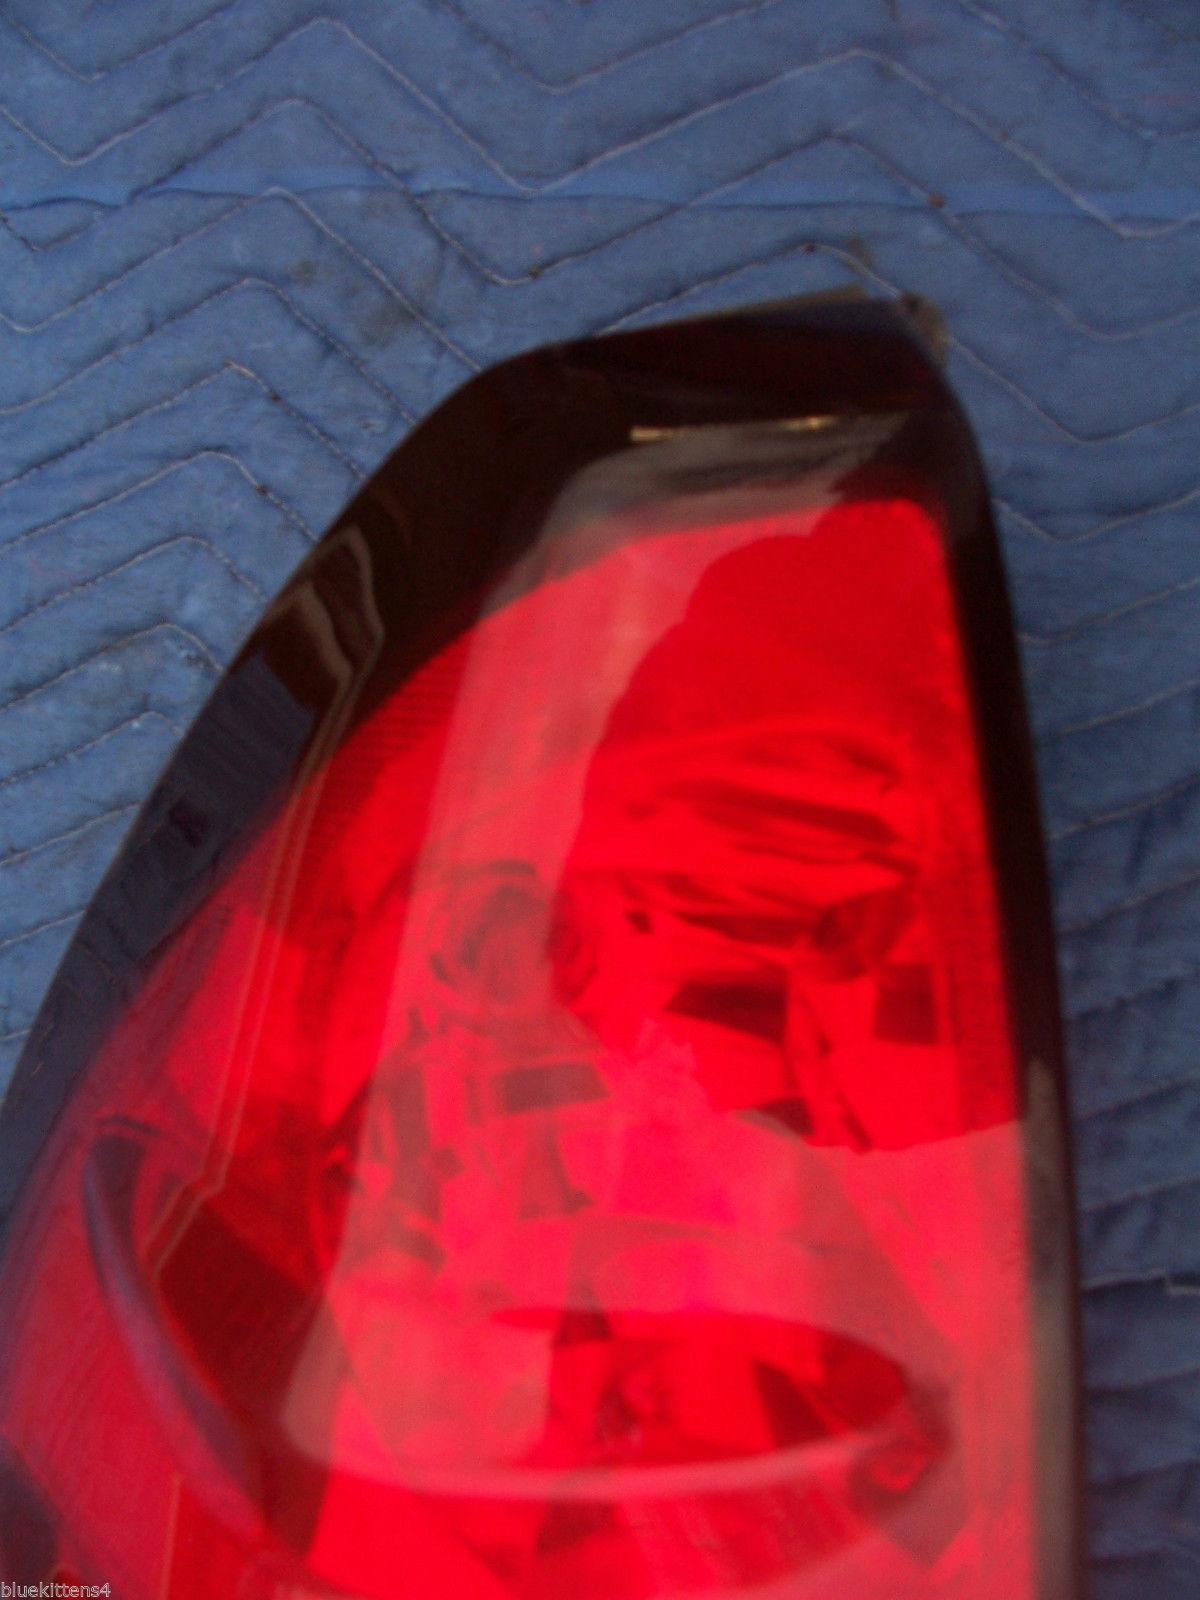 2001 AZTEC LEFT TAILLIGHT OEM USED ORIGINAL PONTIAC GM PART 2002 2003 2004 2005 image 7